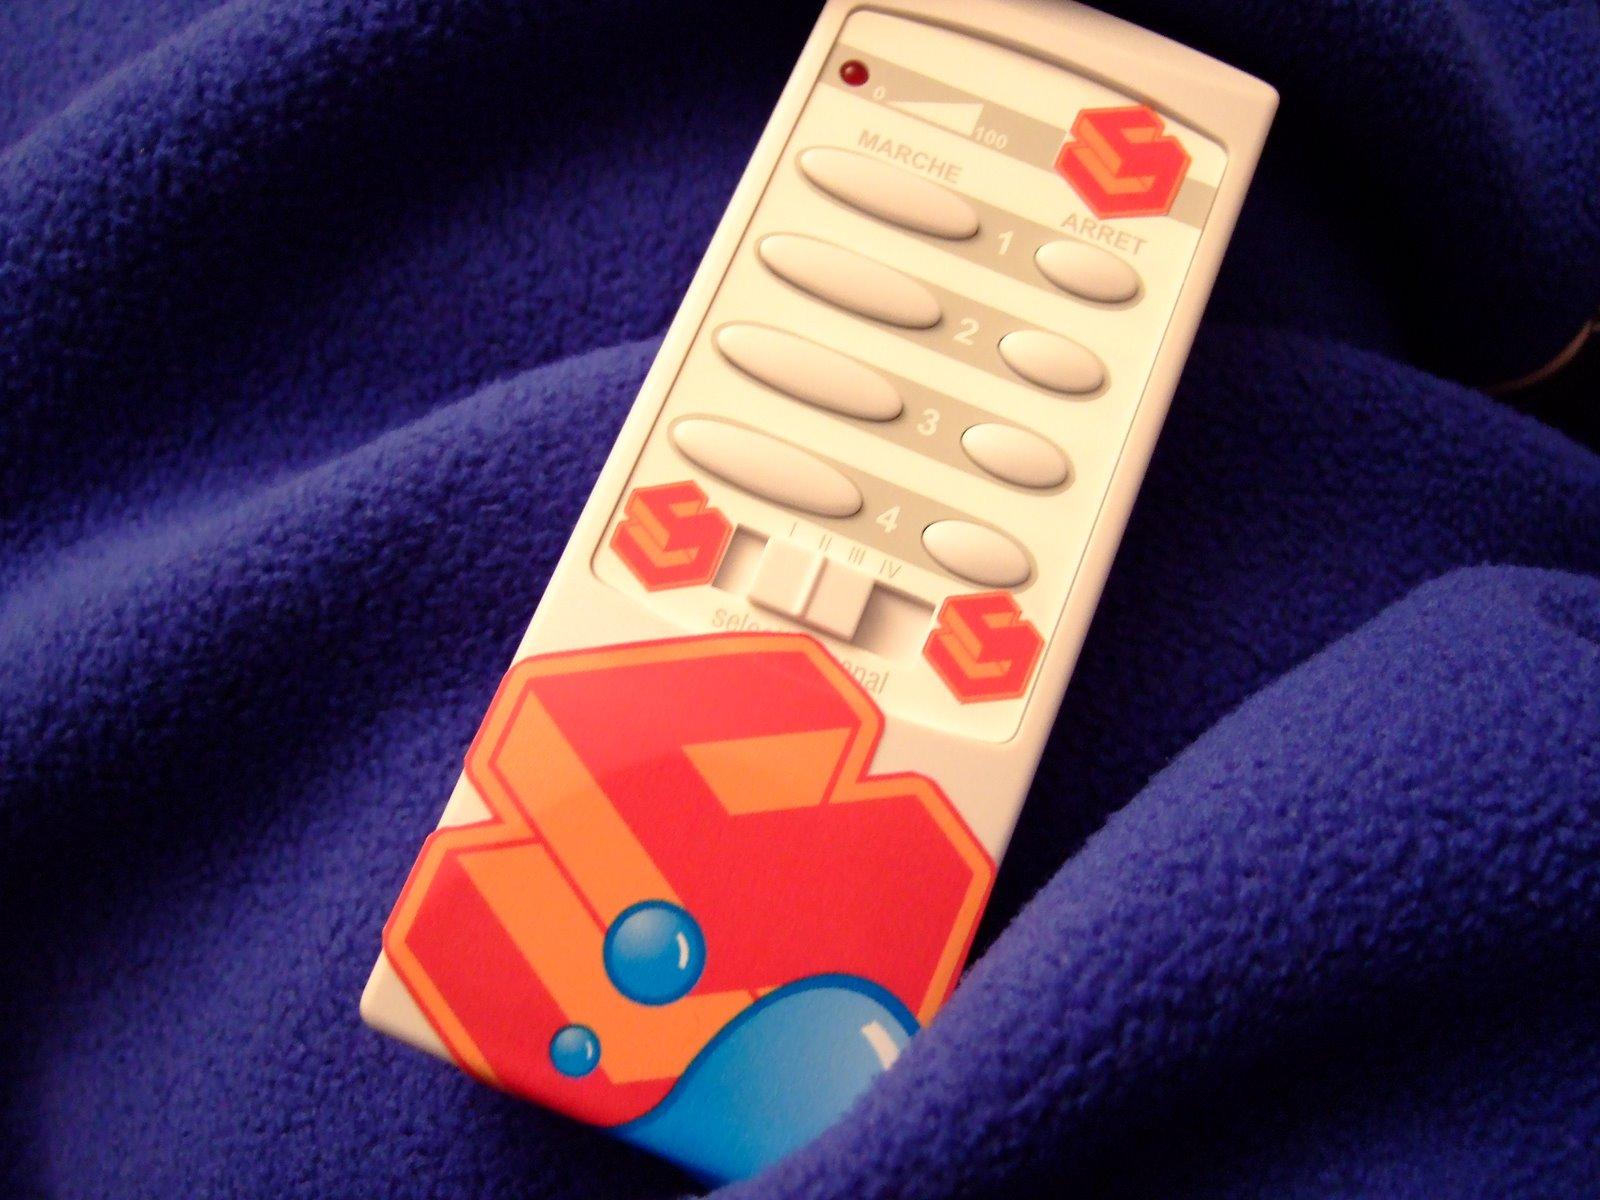 [aggressive_house_remote.JPG]